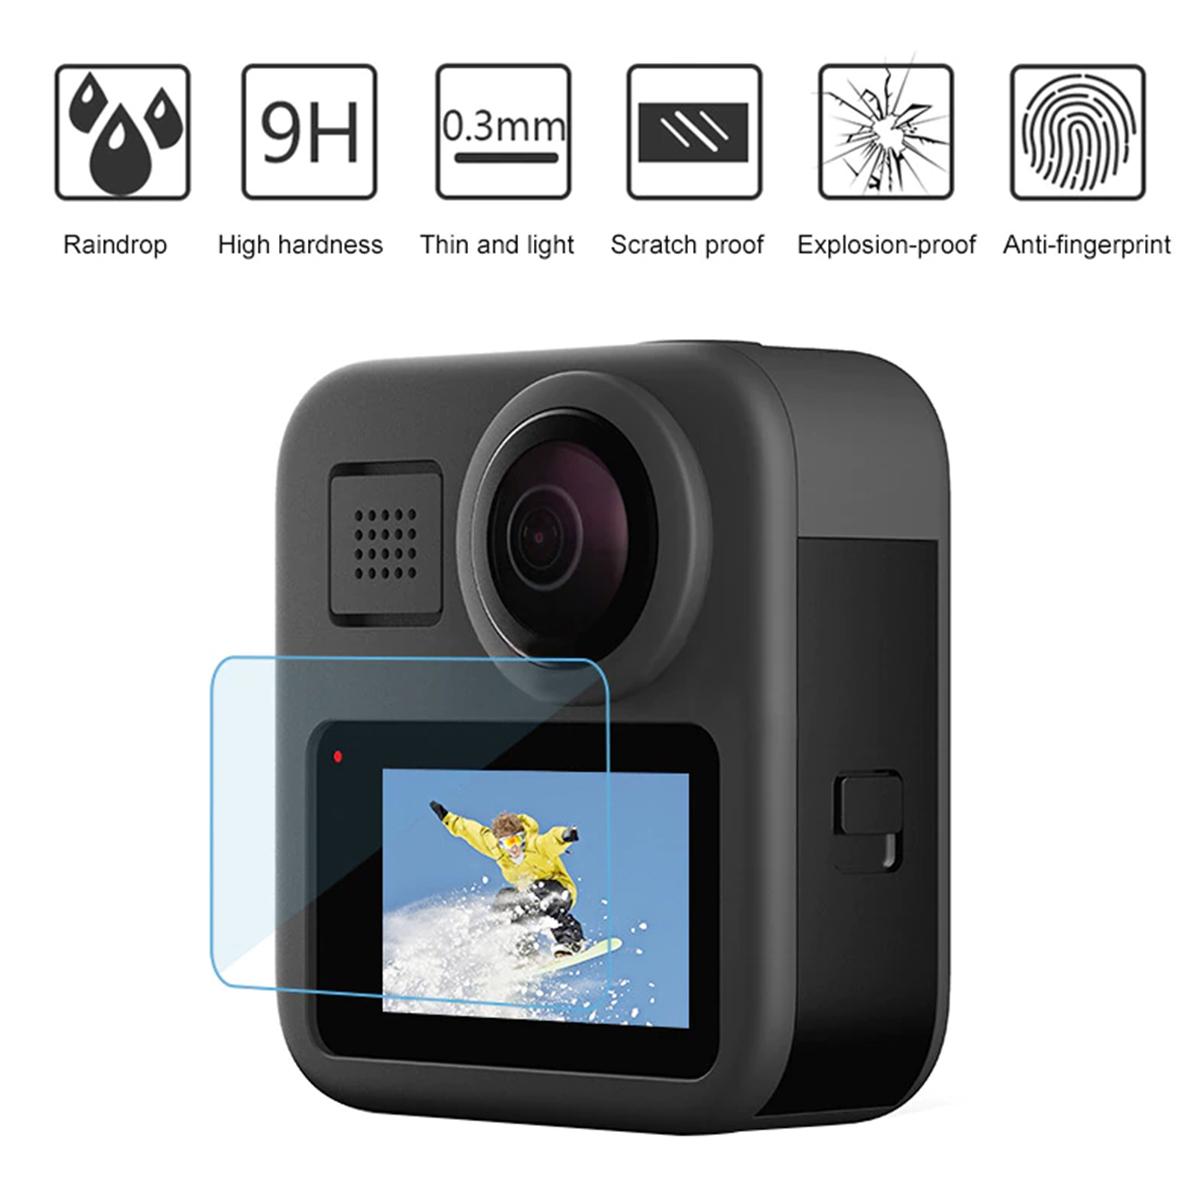 Película de Vidro para Tela de LCD - GoPro Max - Telesin